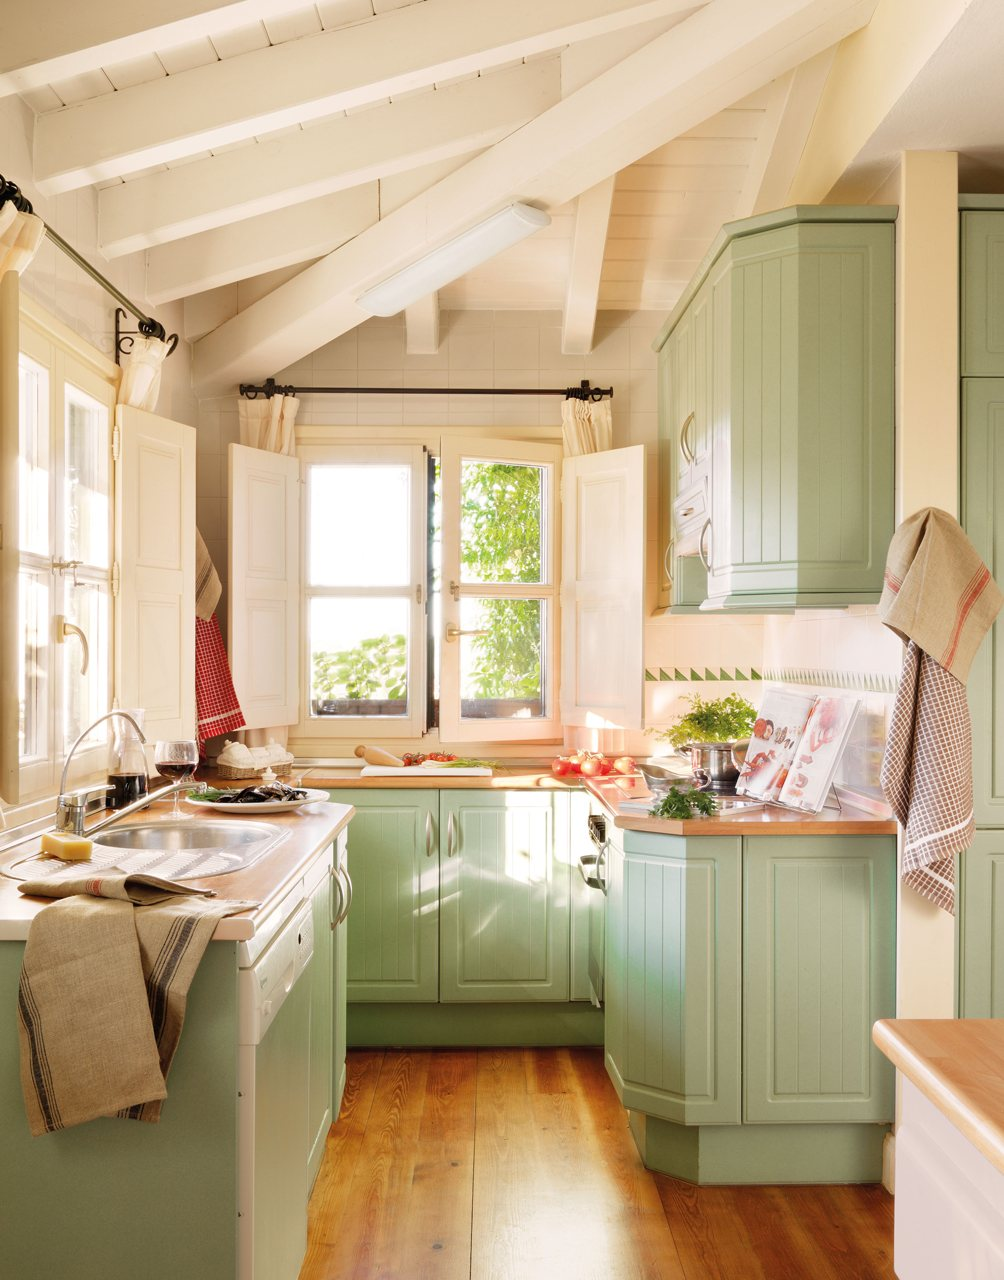 15 Fotos De Cocinas Peque As Bien Aprovechadas ~ Como Amueblar Una Cocina Pequeña